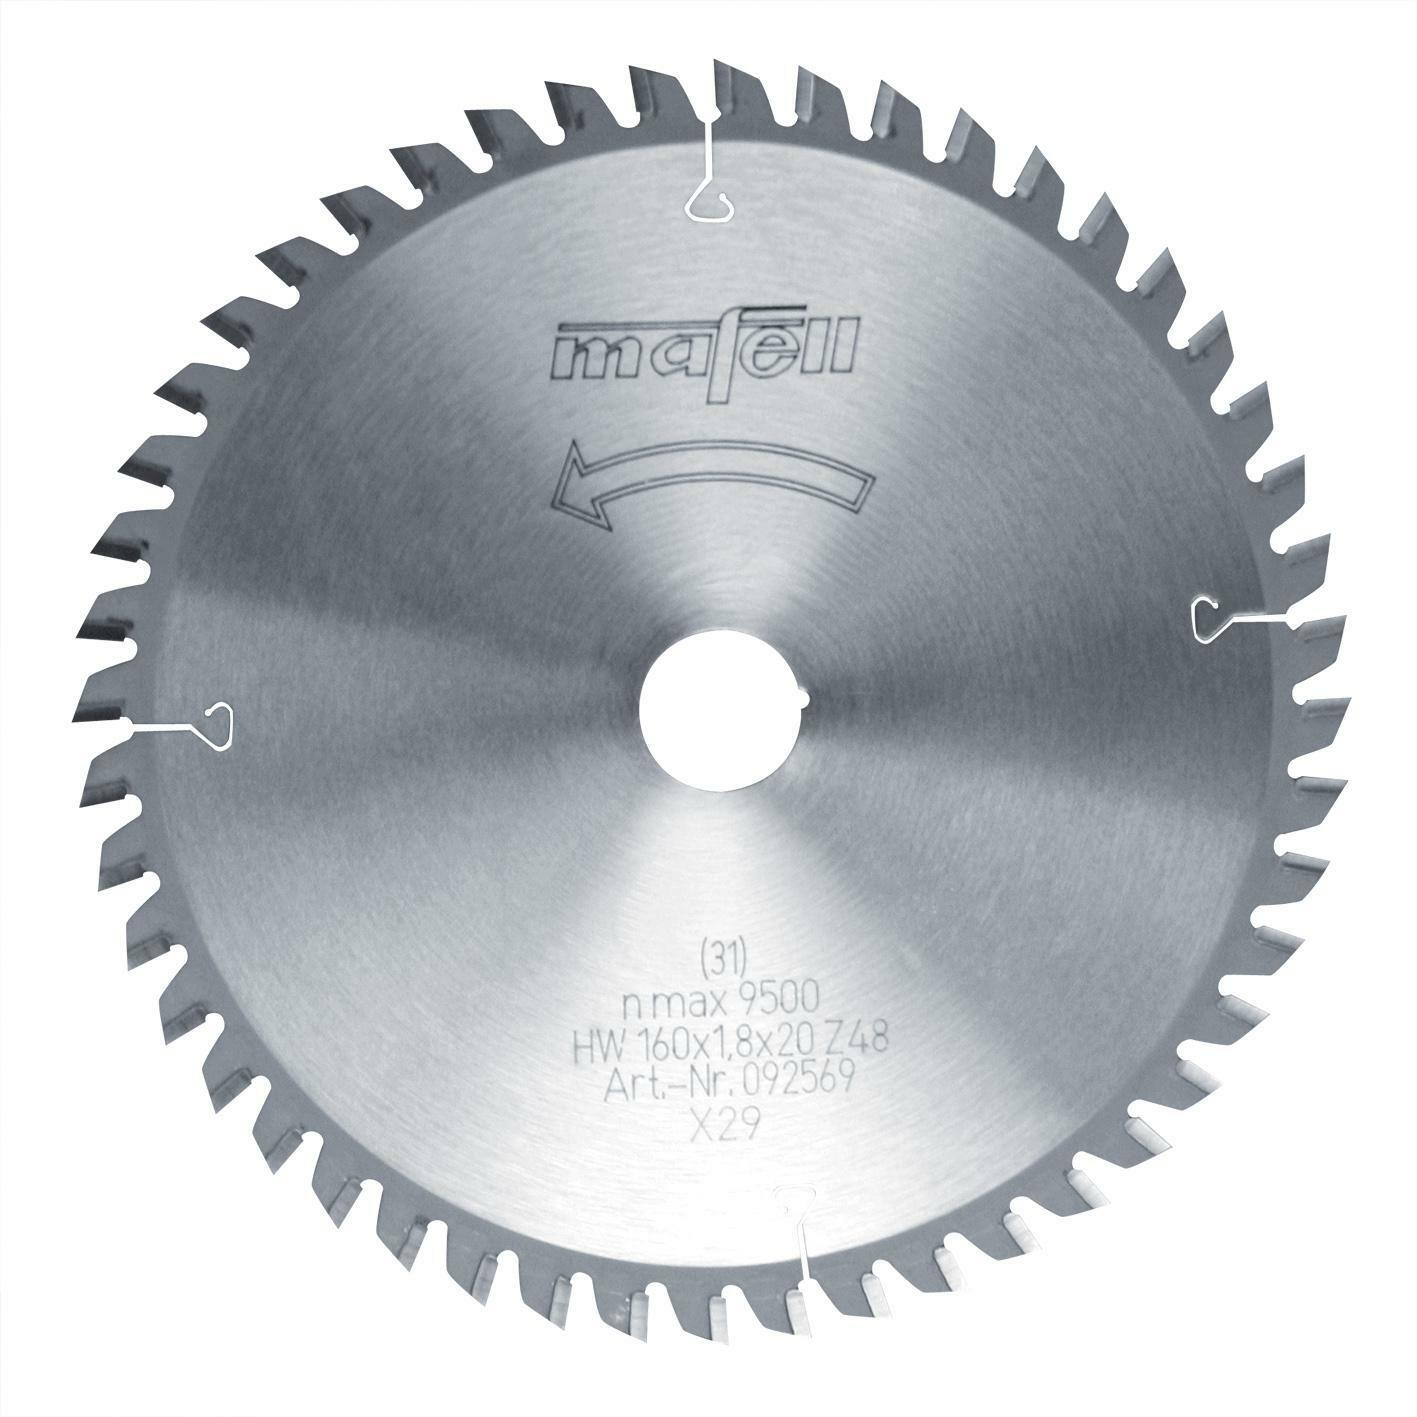 Mafell Sägeblatt-HM 160 x 1,2 1,8 x 20 mm, Z 48, FZ TR   092569